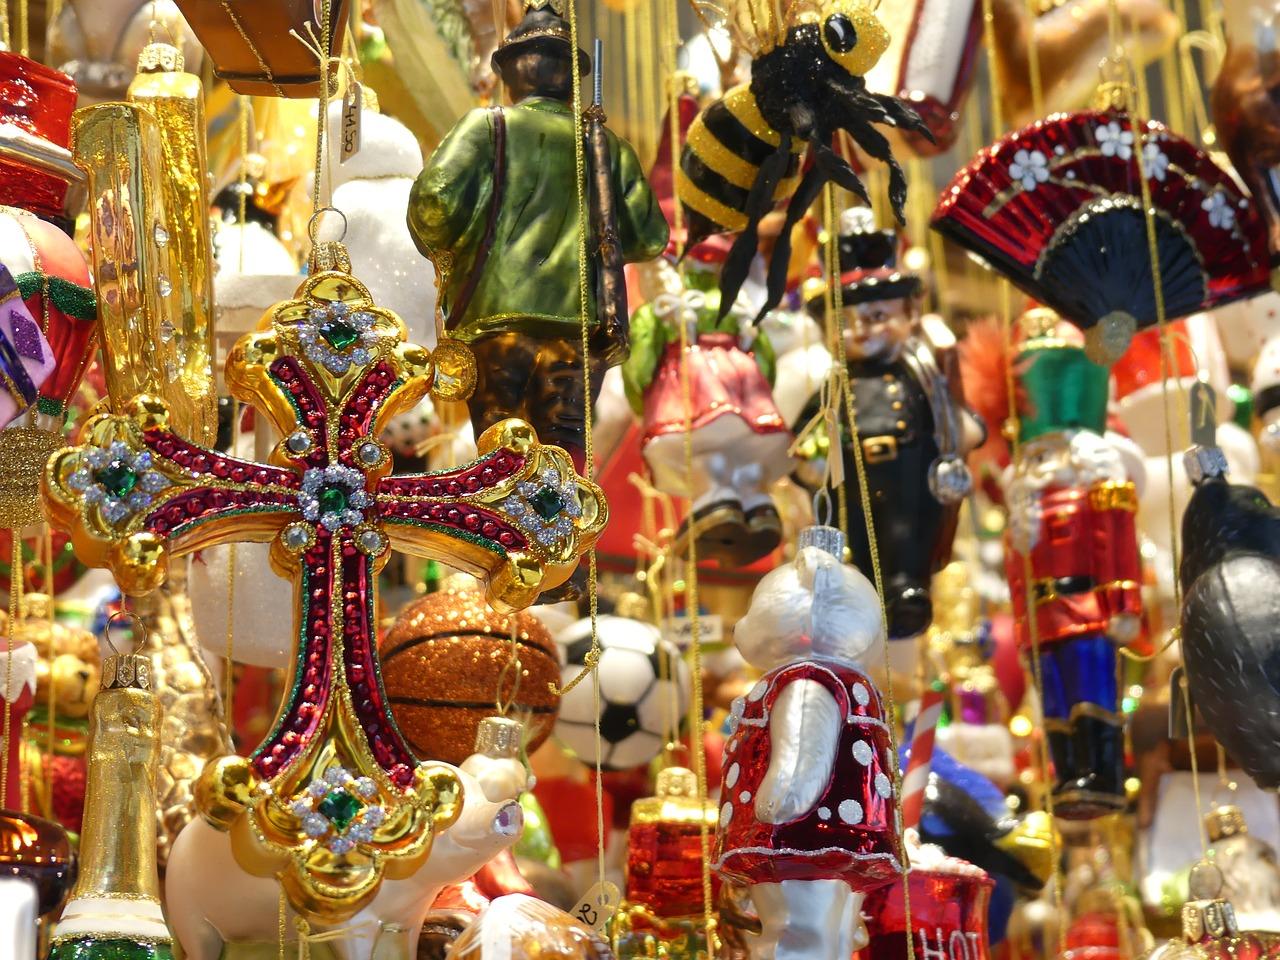 Christbaumkugeln Ornament.Christmas Decorations Christbaumkugeln Christmas Tree Decorations